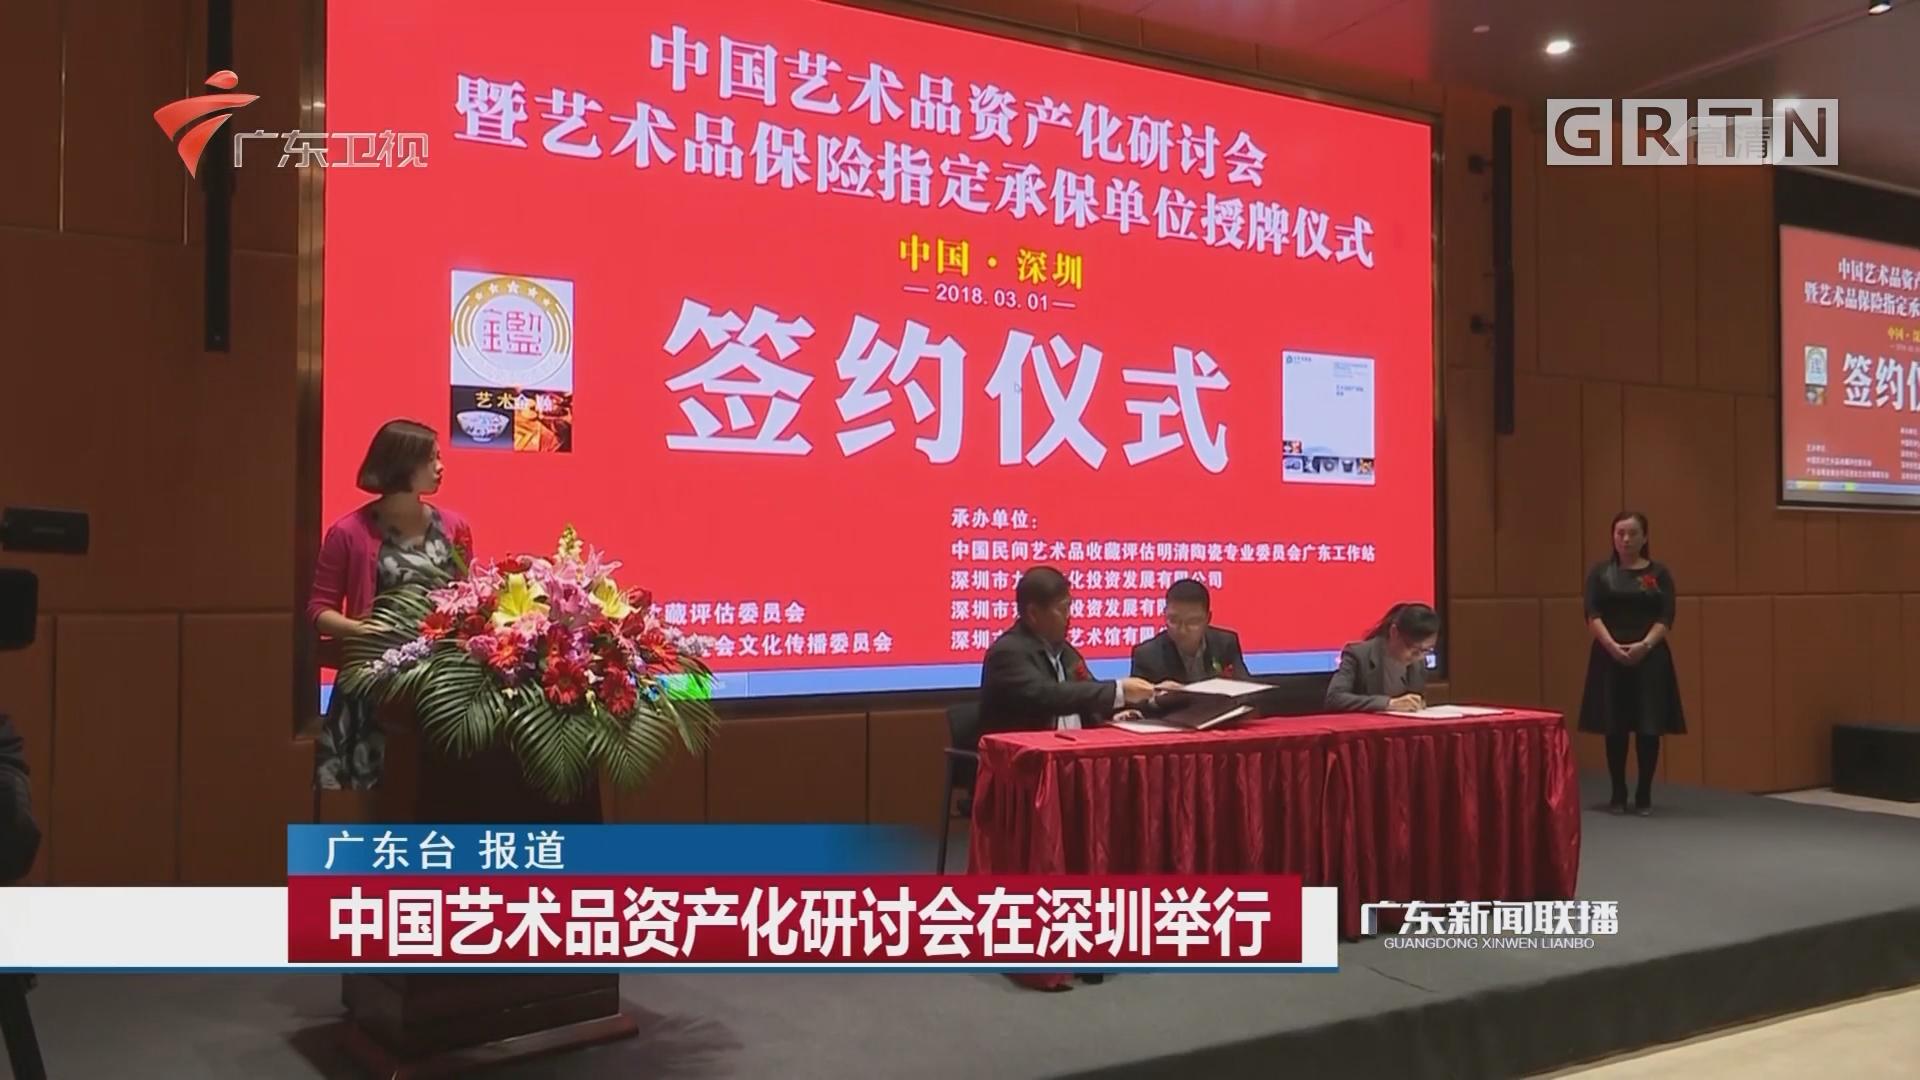 中国艺术品资产化研讨会在深圳举行